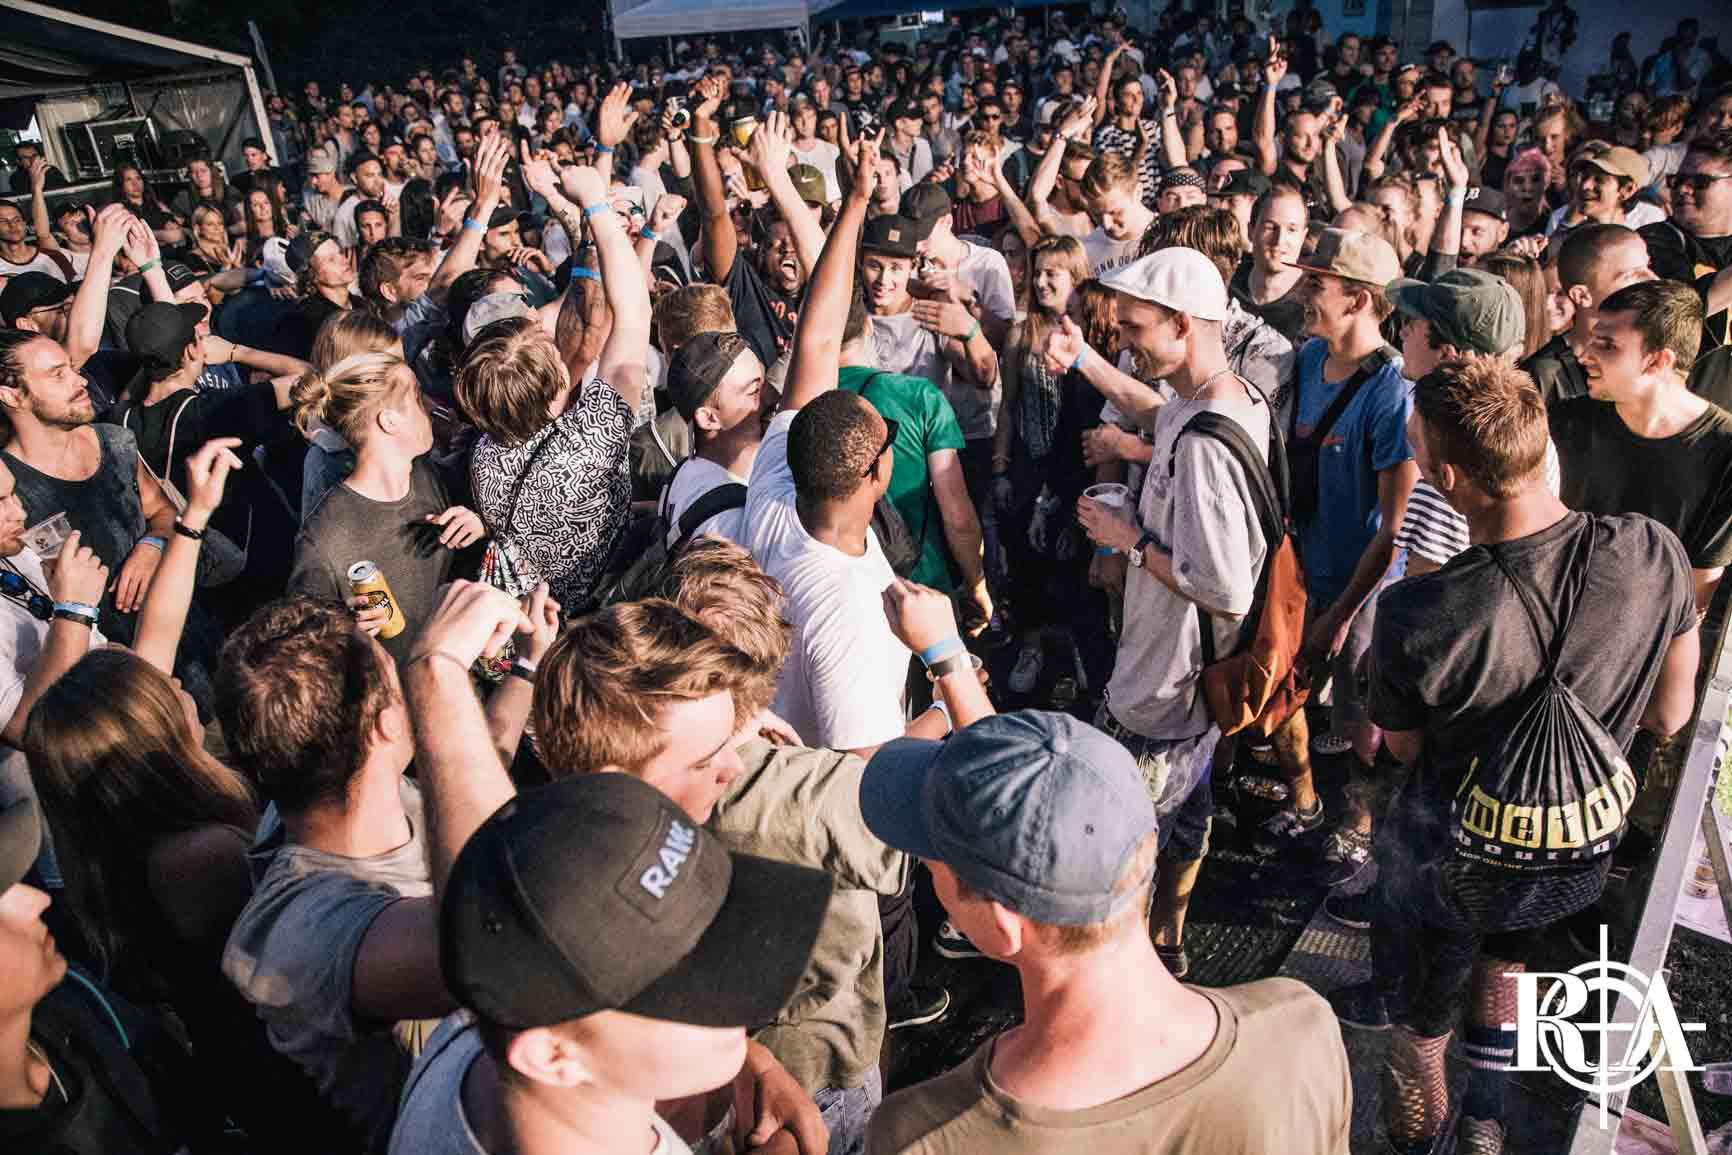 Afterparty - Die letztjährige Afterparty war restlos ausverkauft und die Stimmung war top. Auch dieses Jahr gebühren wir dem Rapattack Festival mit der Afterparty ein legendäres Ende und tanzen zu Hip-Hop Classics der 90er und Hits von heute. Die Party steigt nach dem letzten Konzert im Zeughaus auf dem Landenberg und Einlass ist ab 18 Jahren. Nutzt den Vorverkauf, die Tickets zur Afterparty sind strikt limitiert!